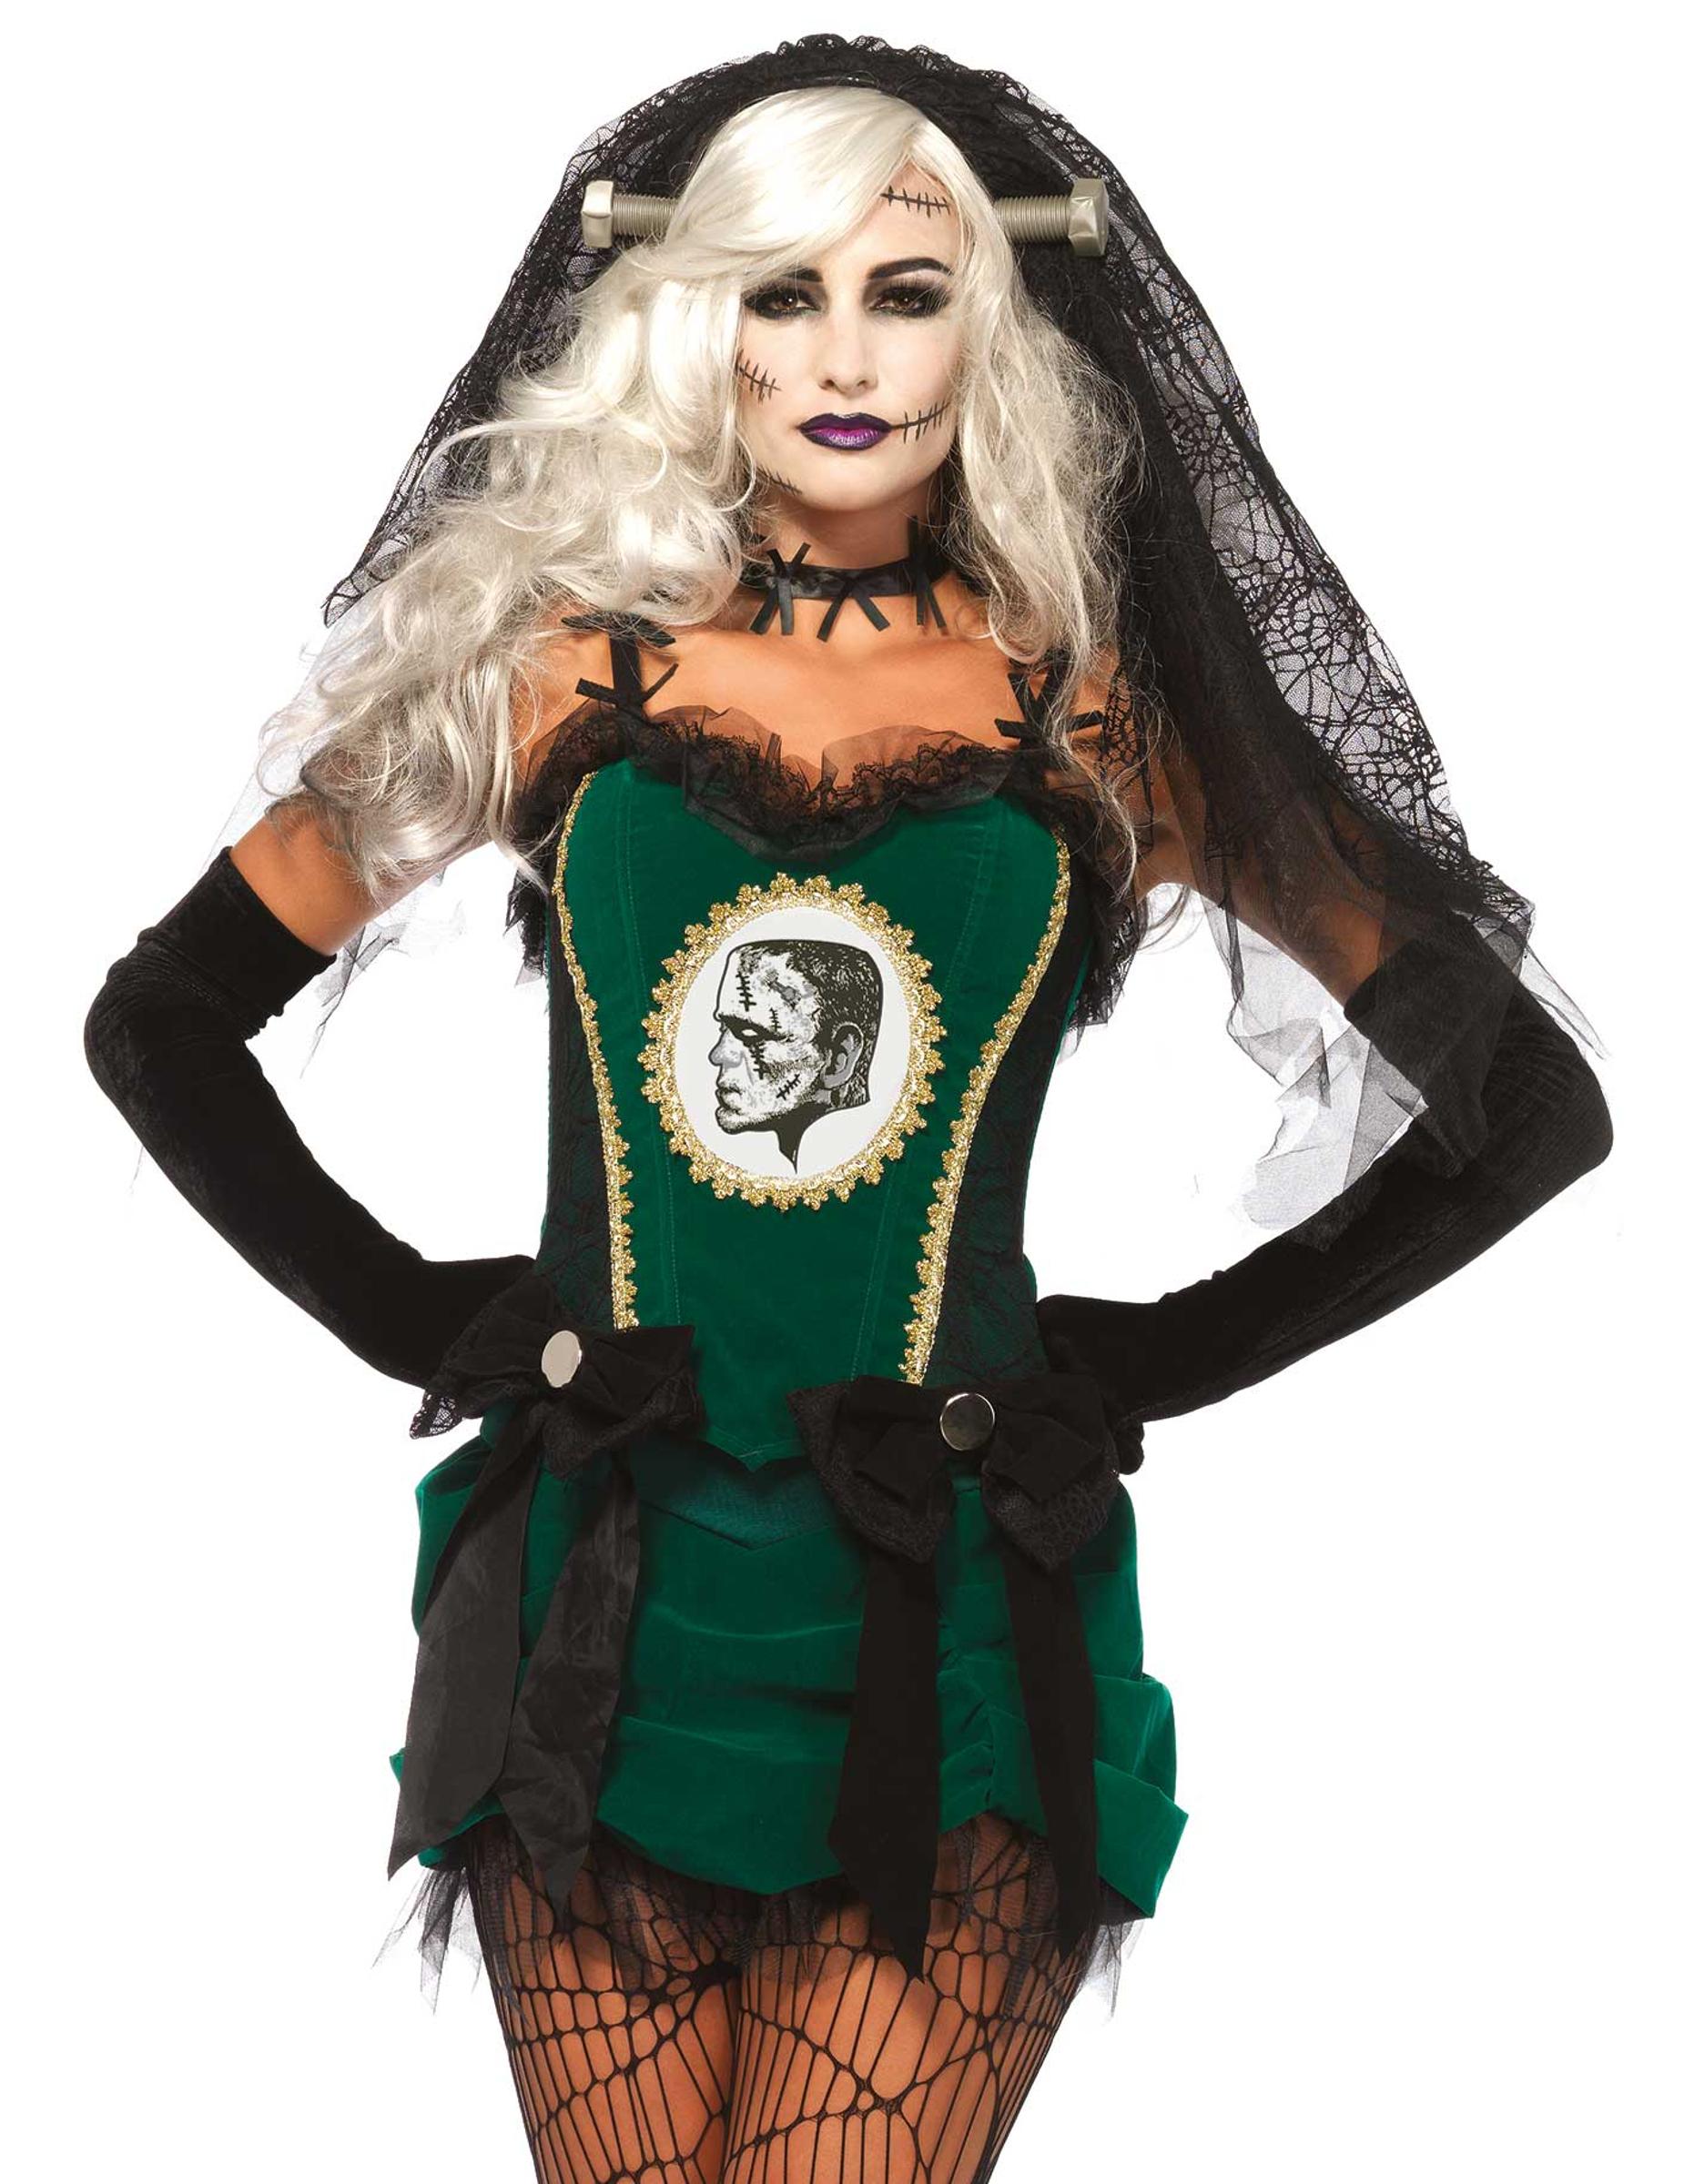 Déguisement mariée du monstre vert femme Halloween   Deguise-toi ... 36be03bf8f4a